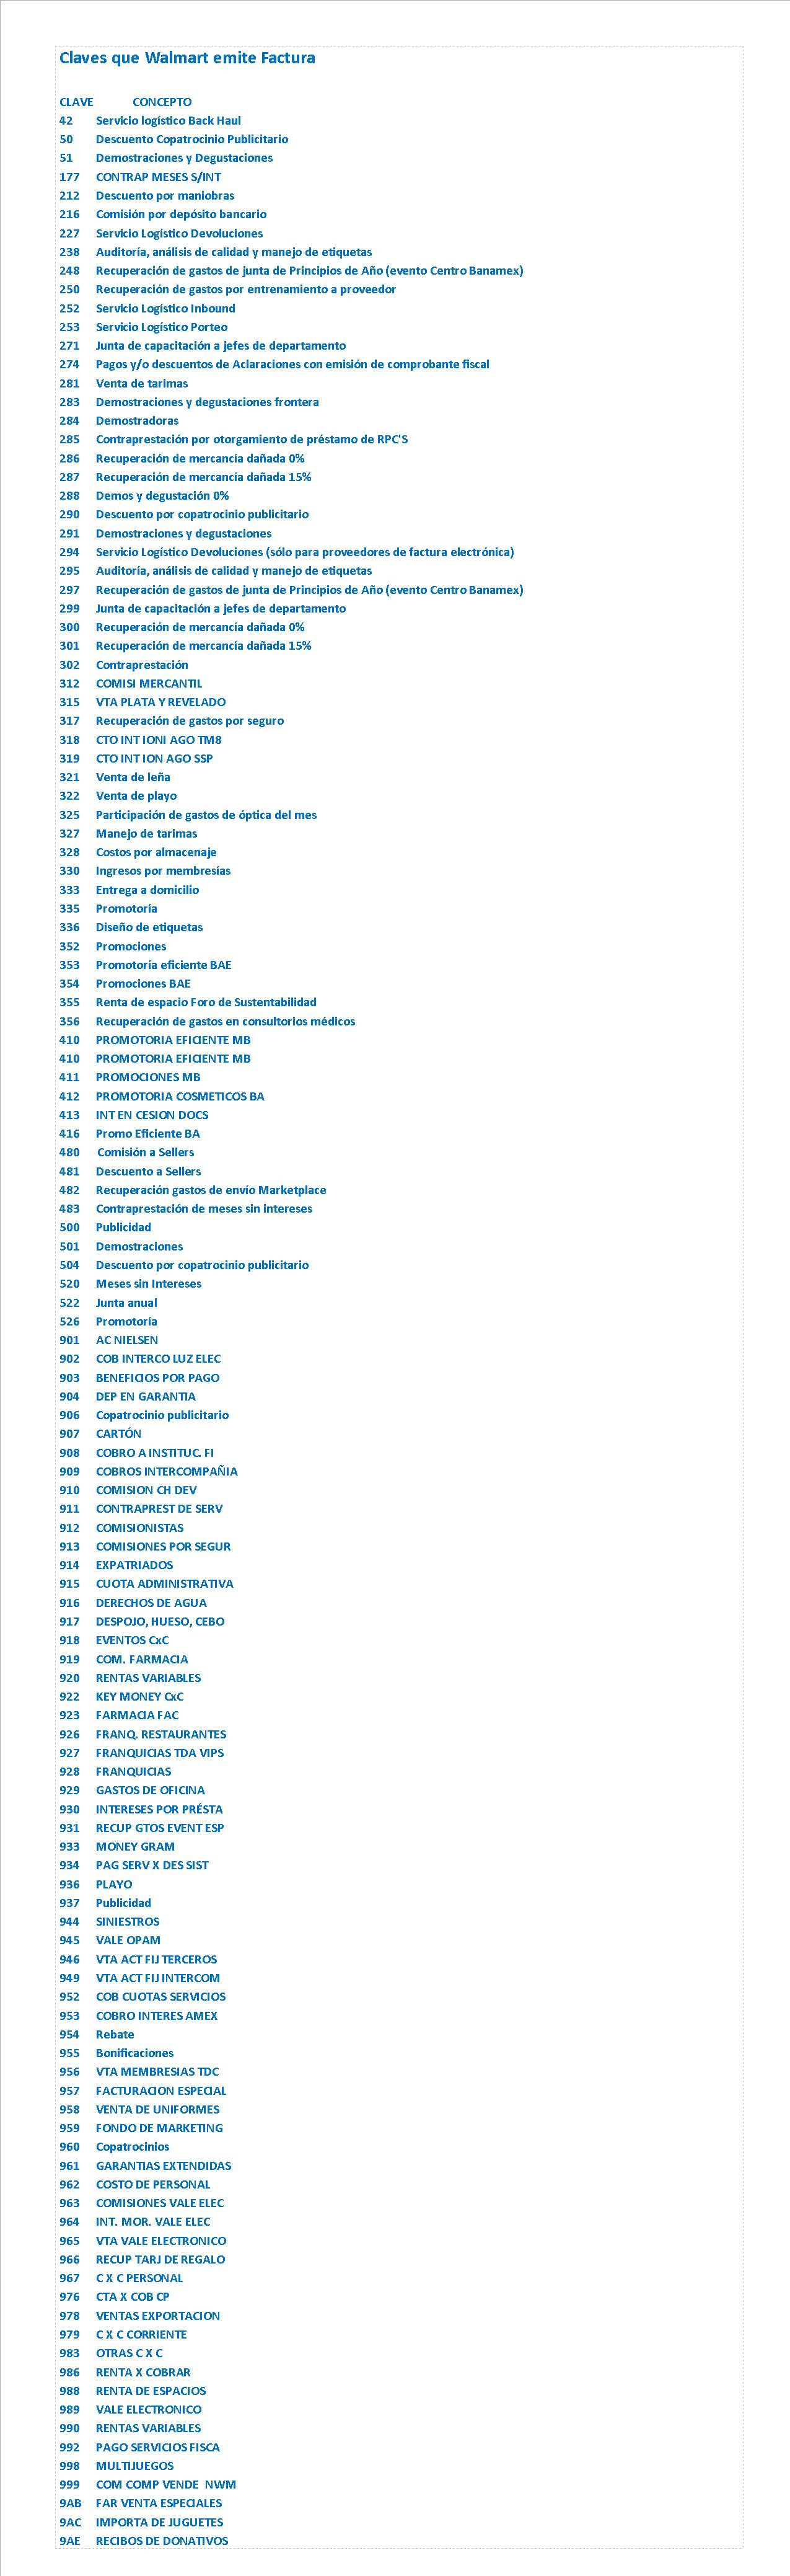 Claves que Walmart Emite Factura (enero 18)